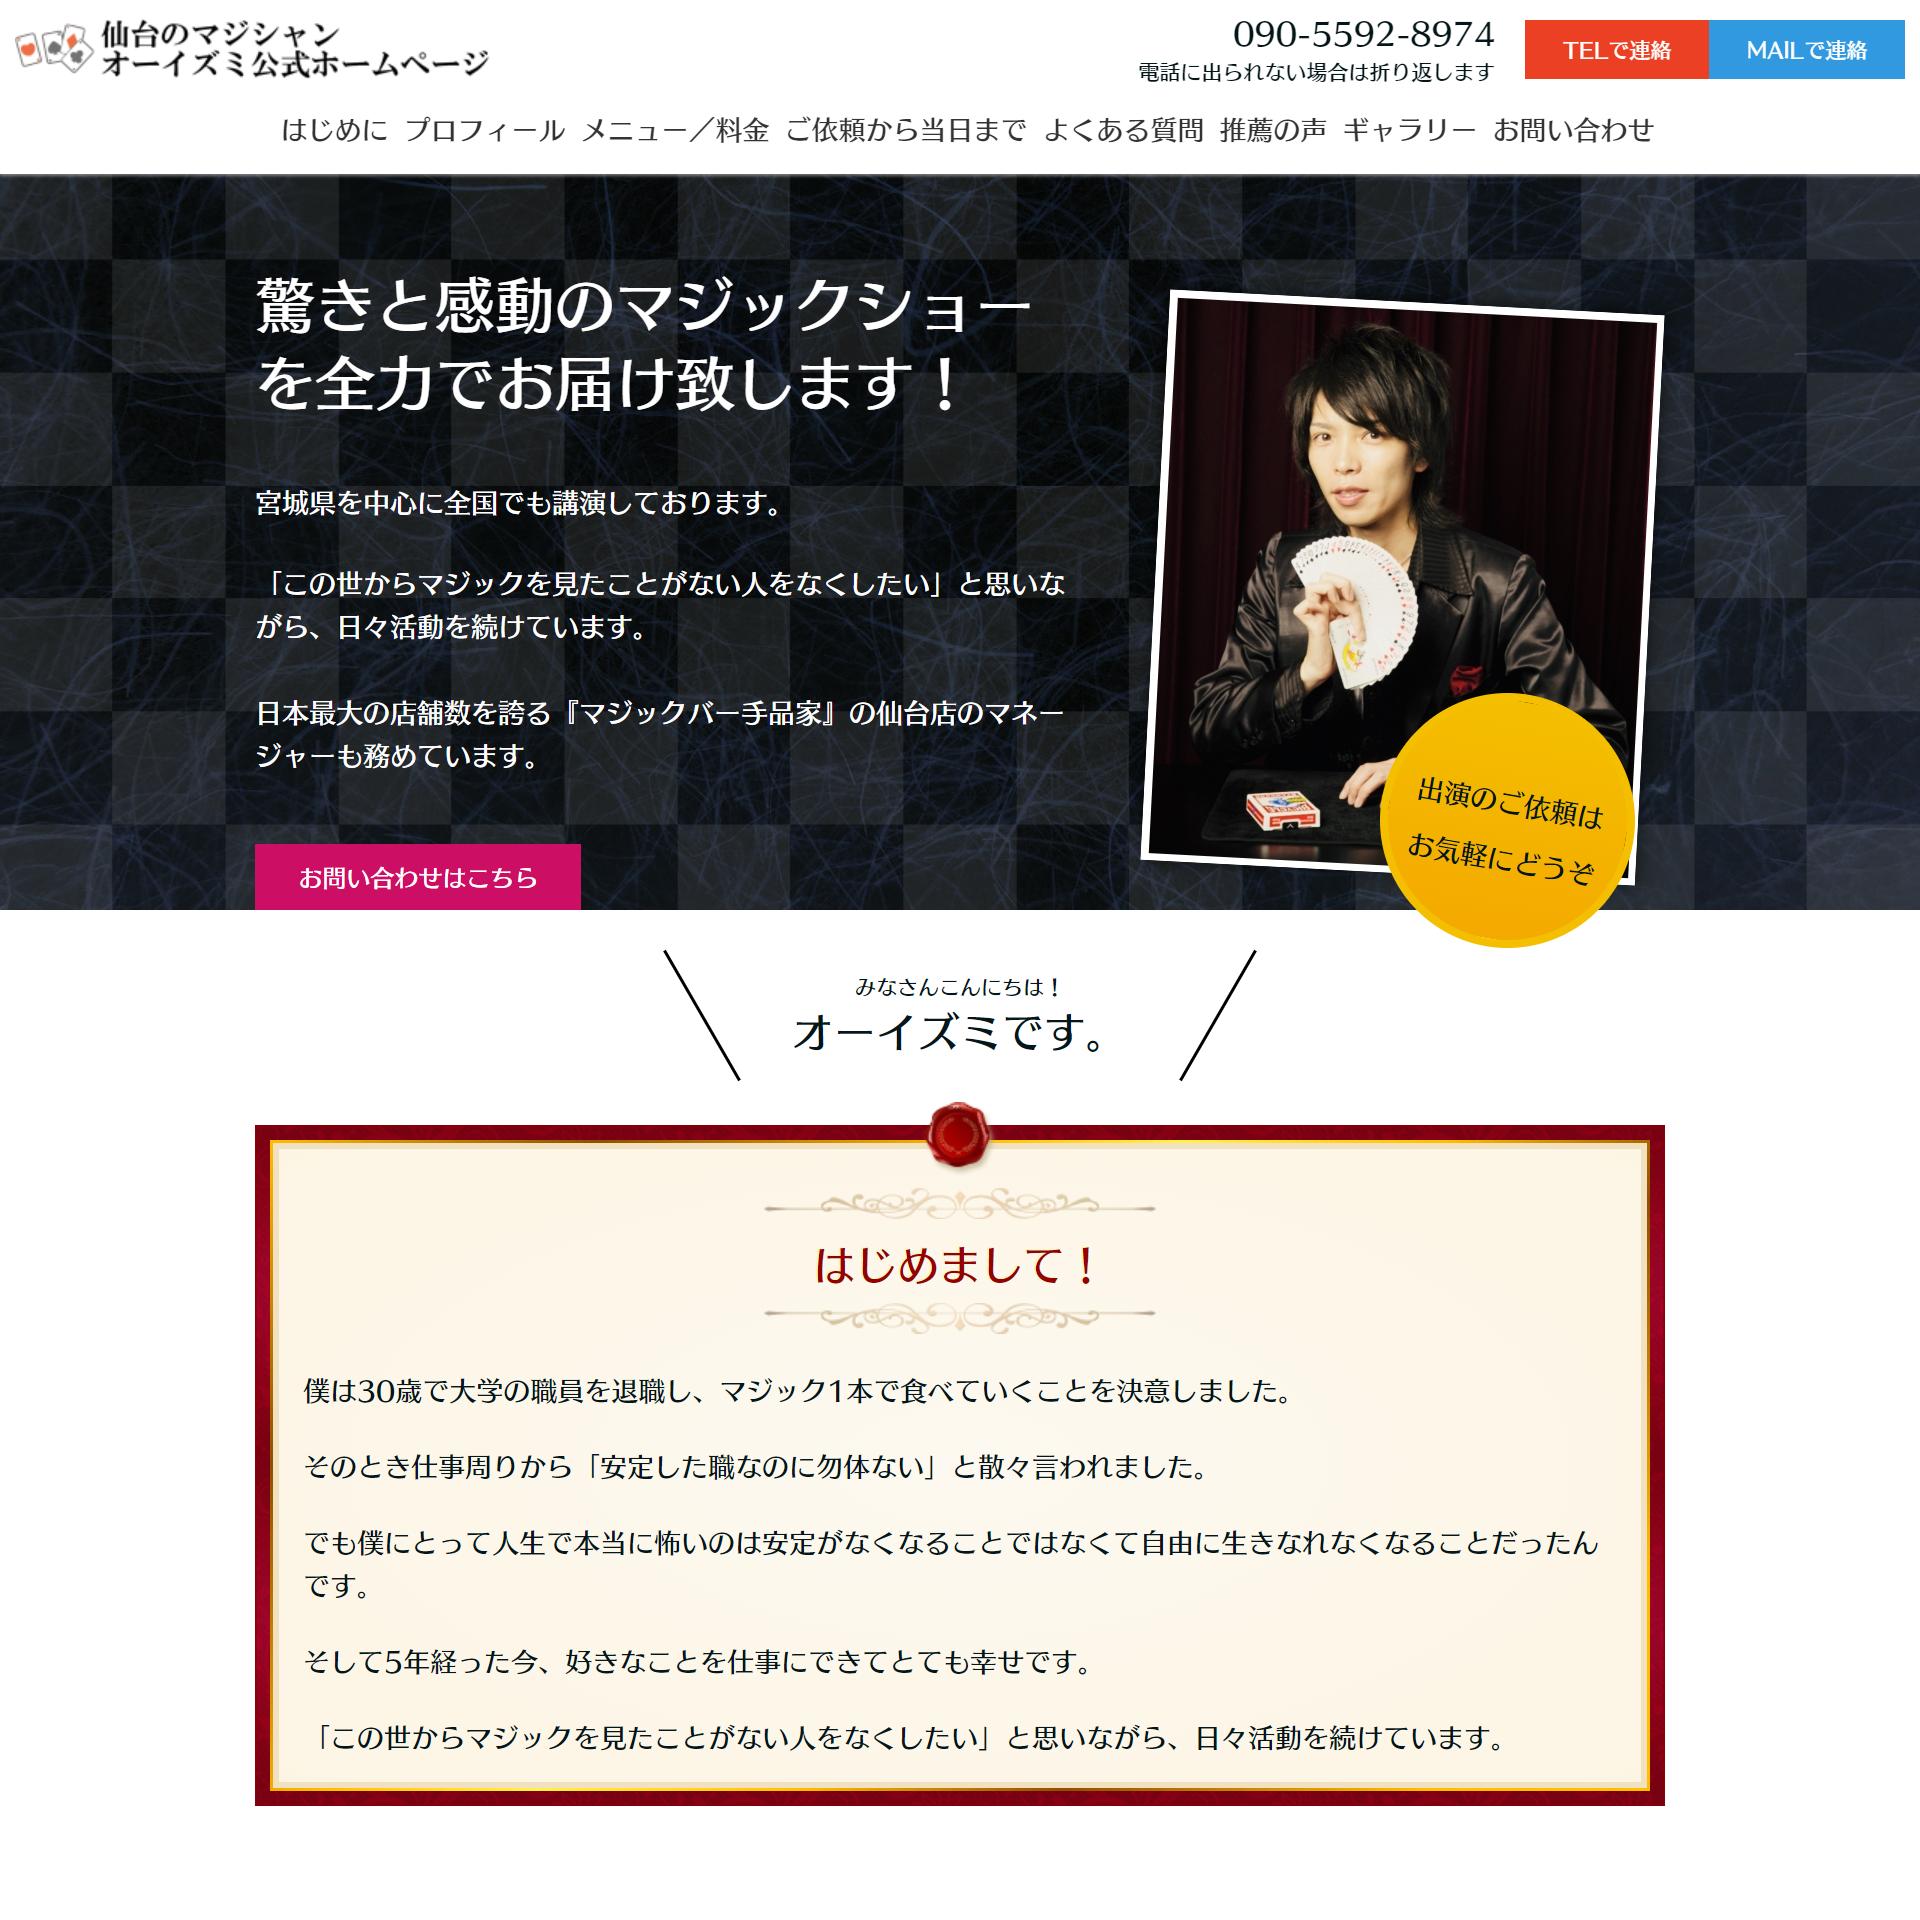 仙台の手品・マジシャン『オーイズミ』 出張マジック大歓迎!